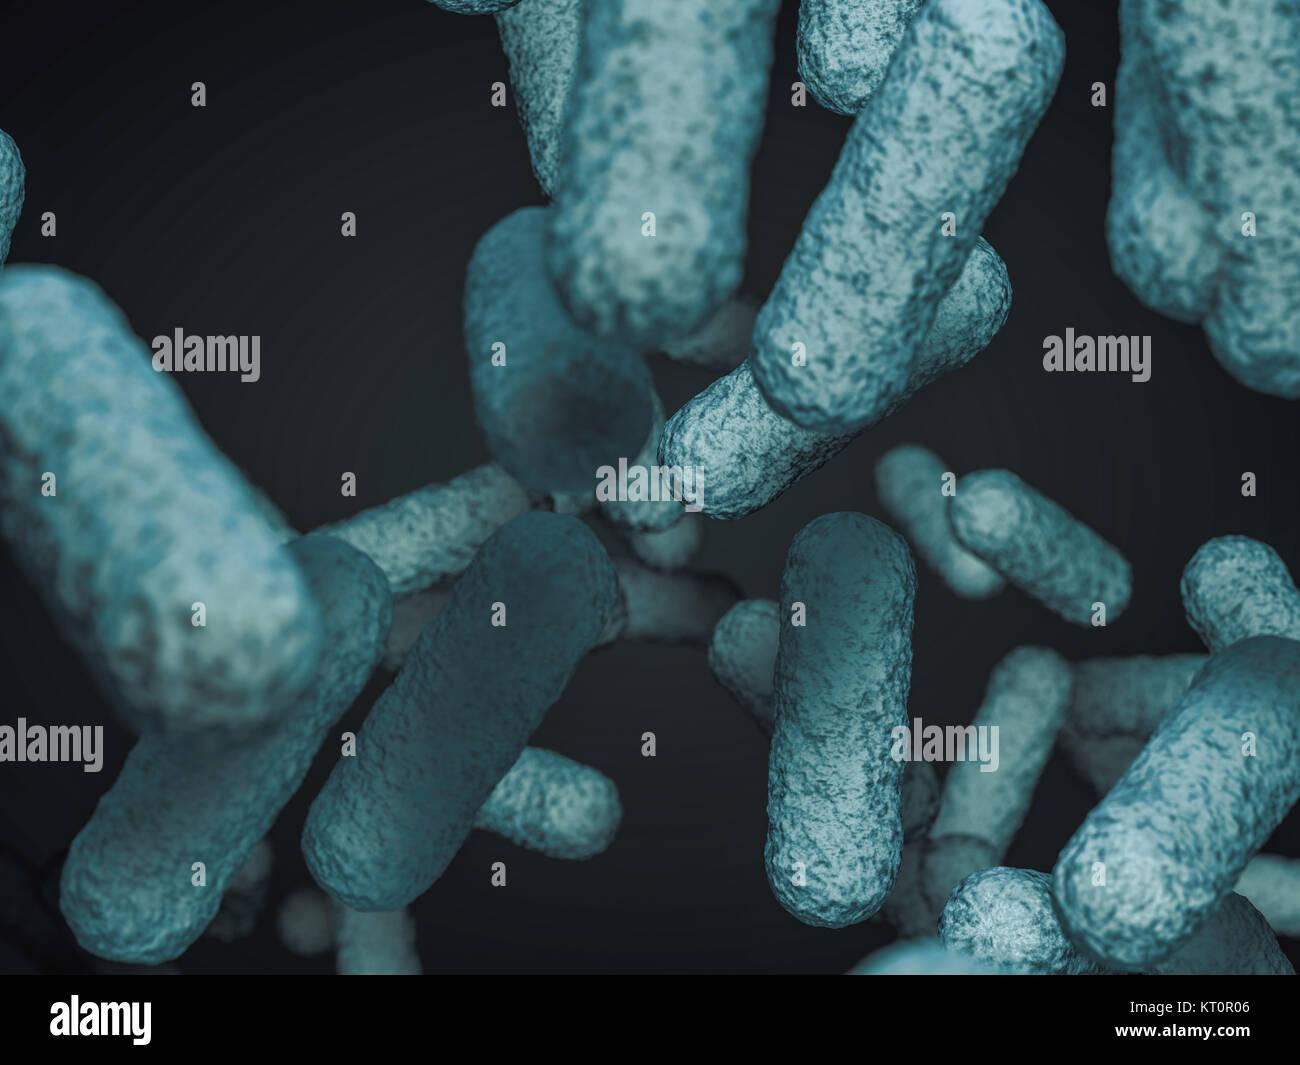 Cerca de bacterias microscópicas. 3D rendering Foto de stock